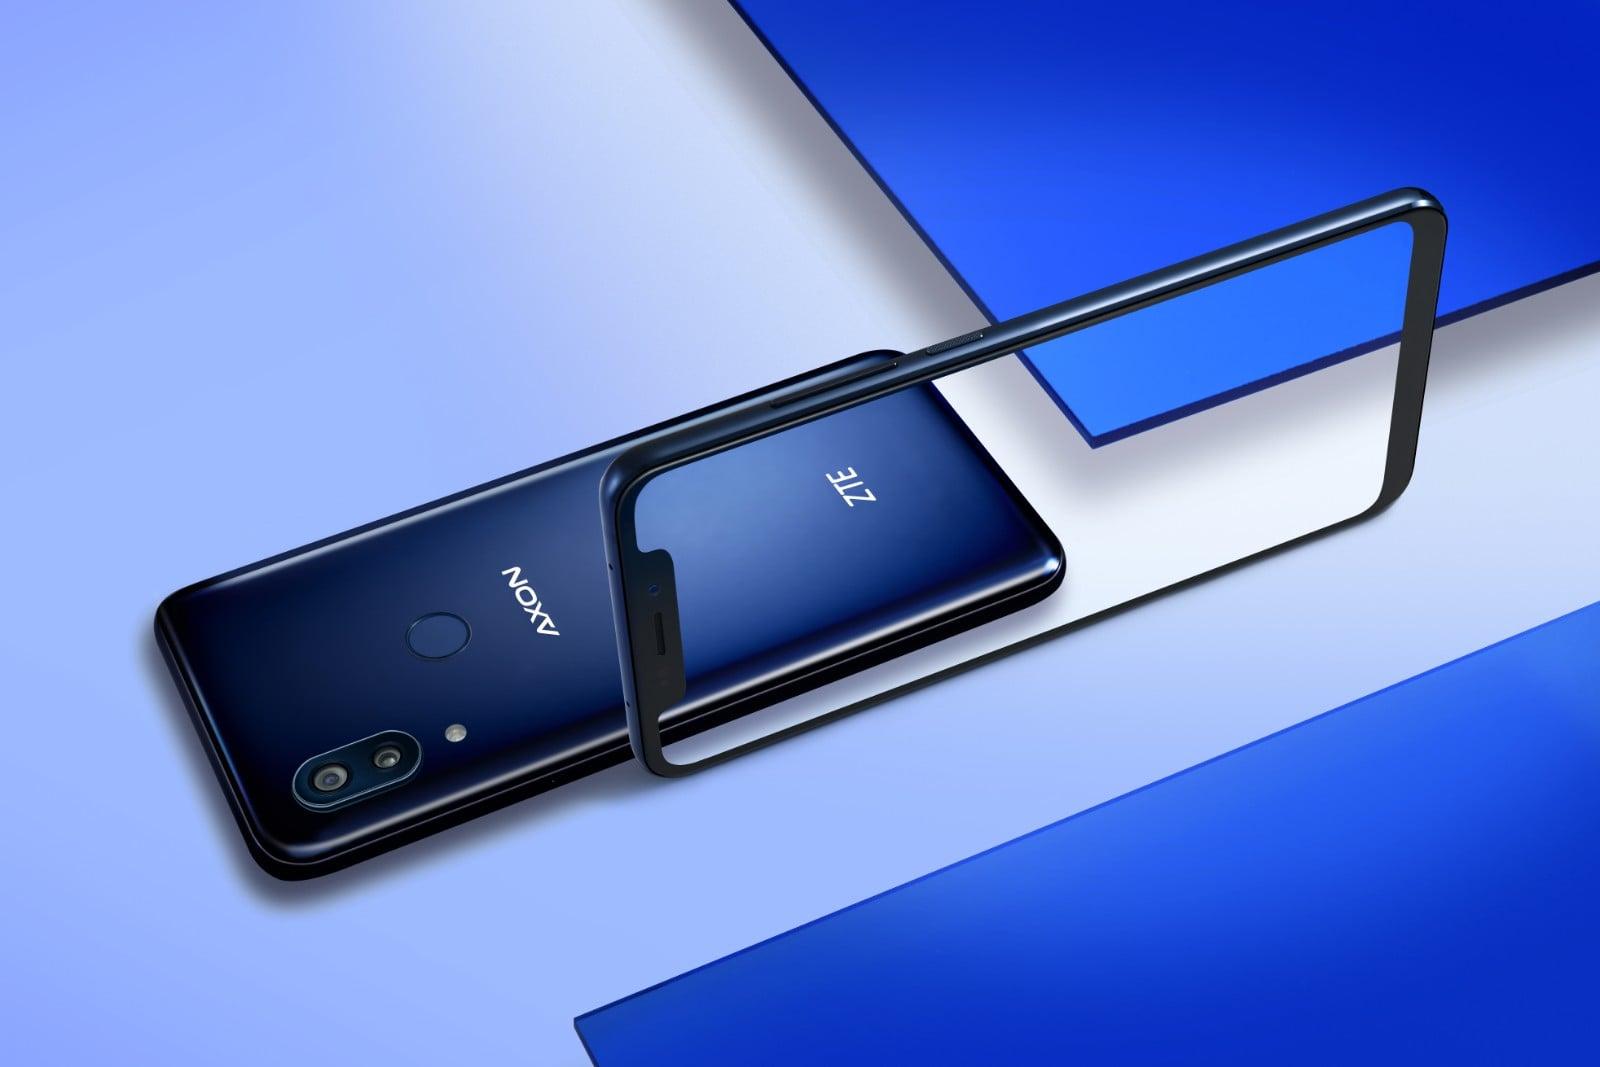 ZTE powraca w wielkim stylu - ZTE Axon 9 Pro oferuje wszystko, co najlepsze i jest w 100% flagowy 21